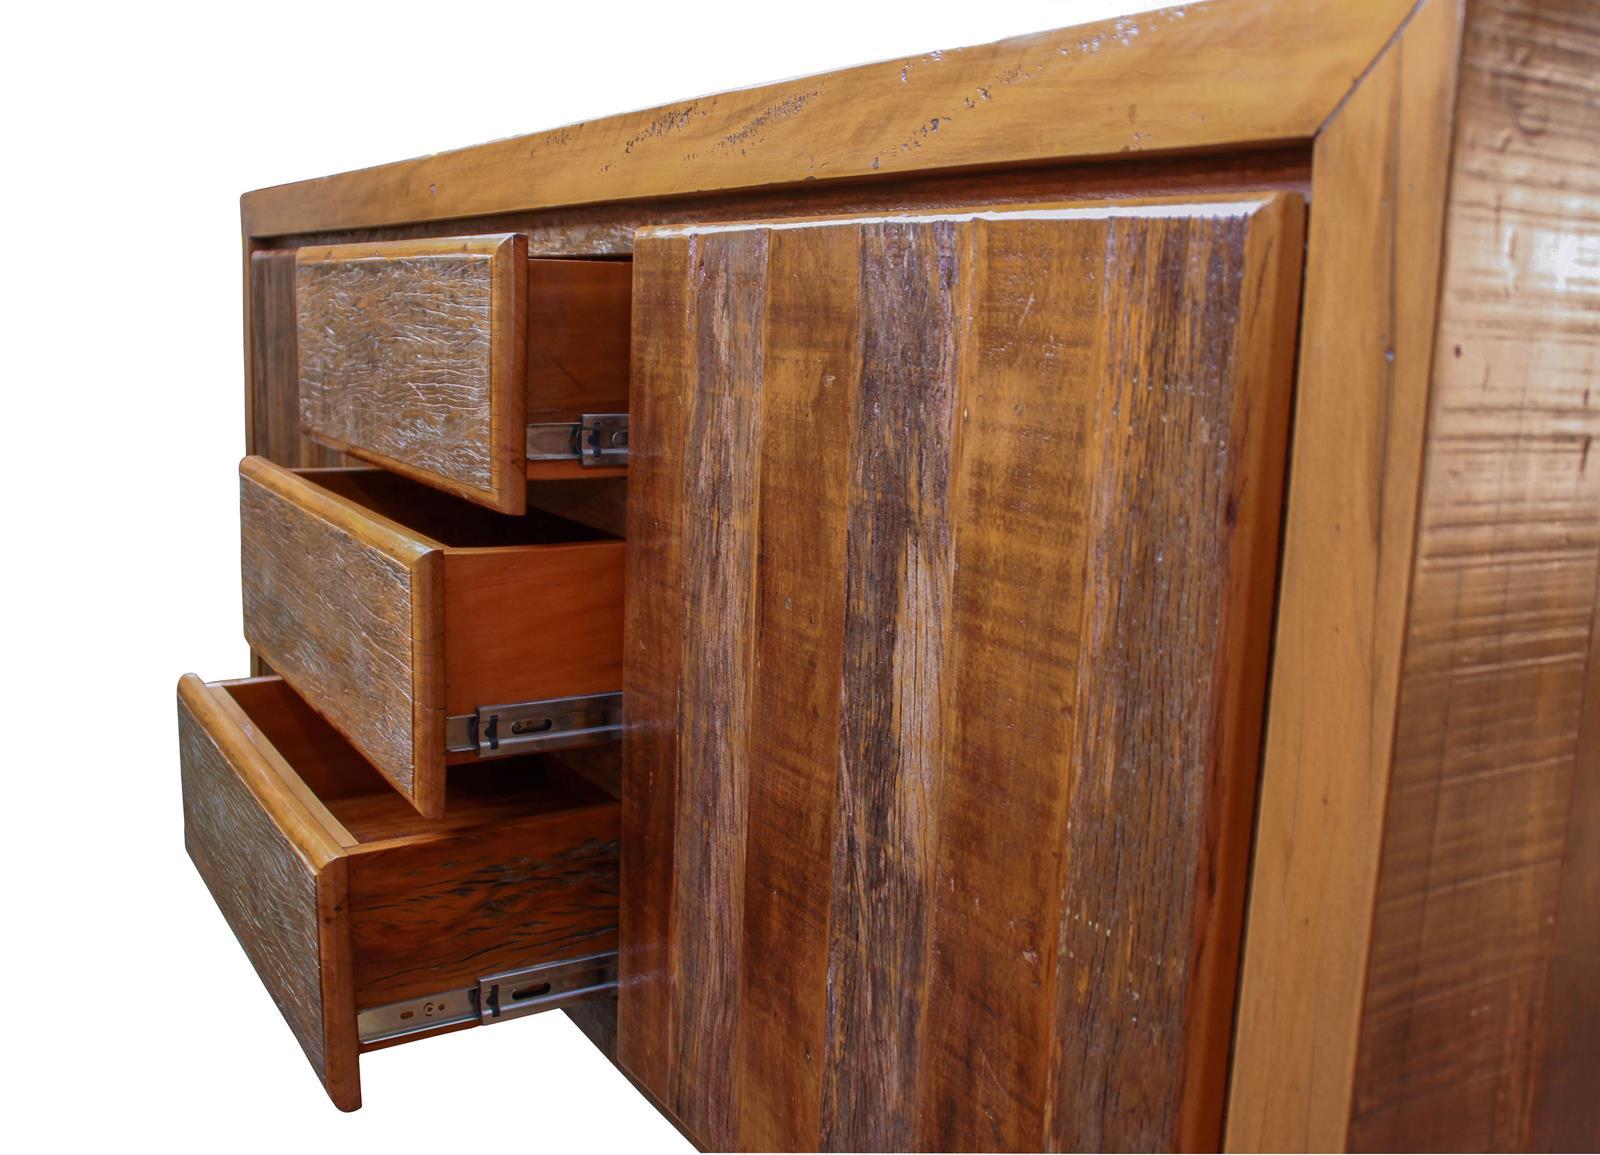 Buffet 2 Portas E 3 Gavetas Rústico  Medindo 1,60x50x85 Em Madeira De Demolição